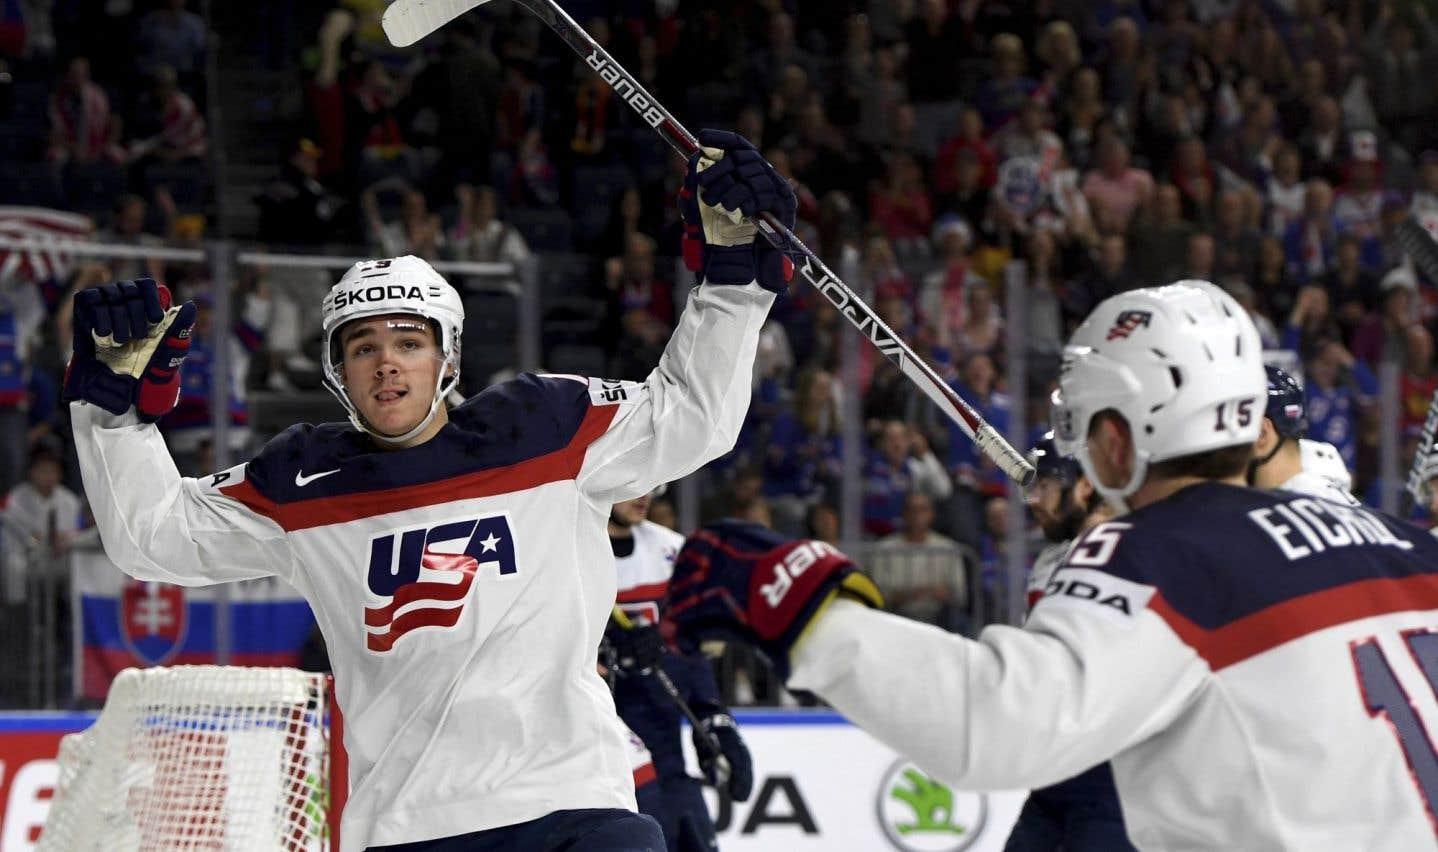 Les États-Unis l'emportent 6-1 contre la Slovaquie au Mondial de hockey